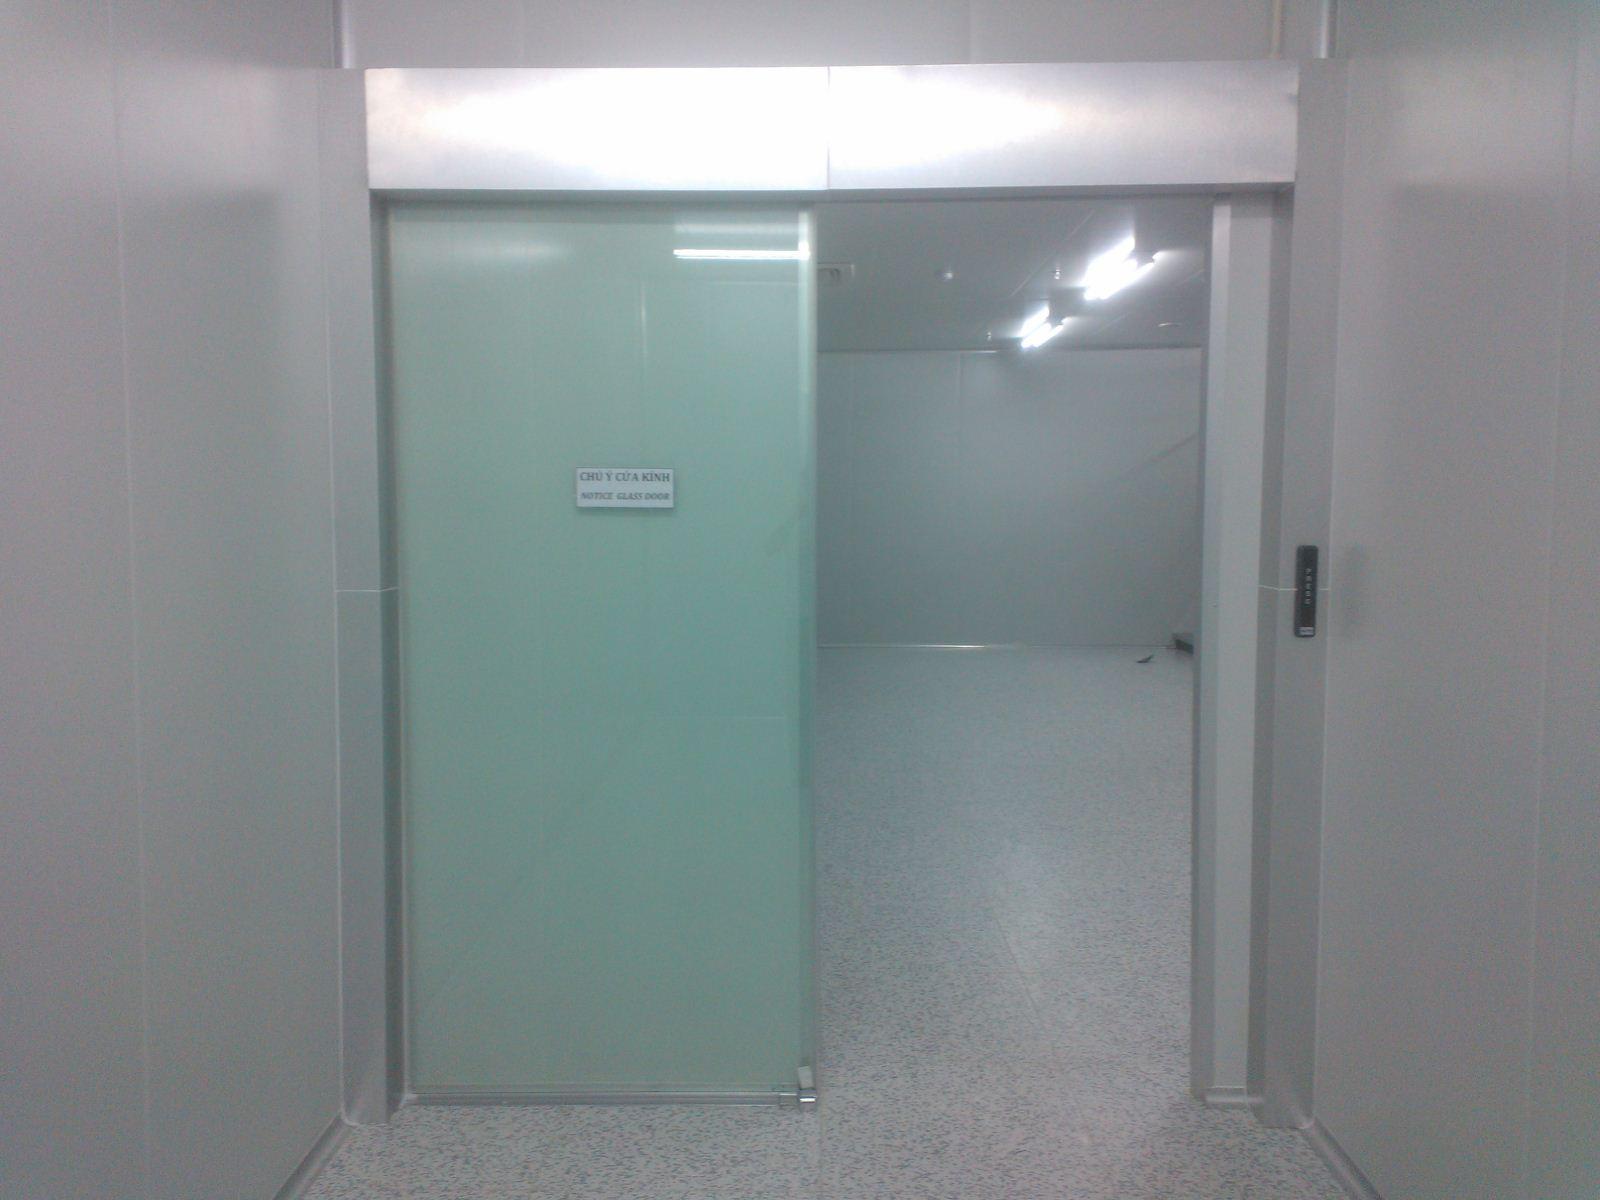 Cửa tự động dùng trong bệnh viện được điều khiển bằng công tắc